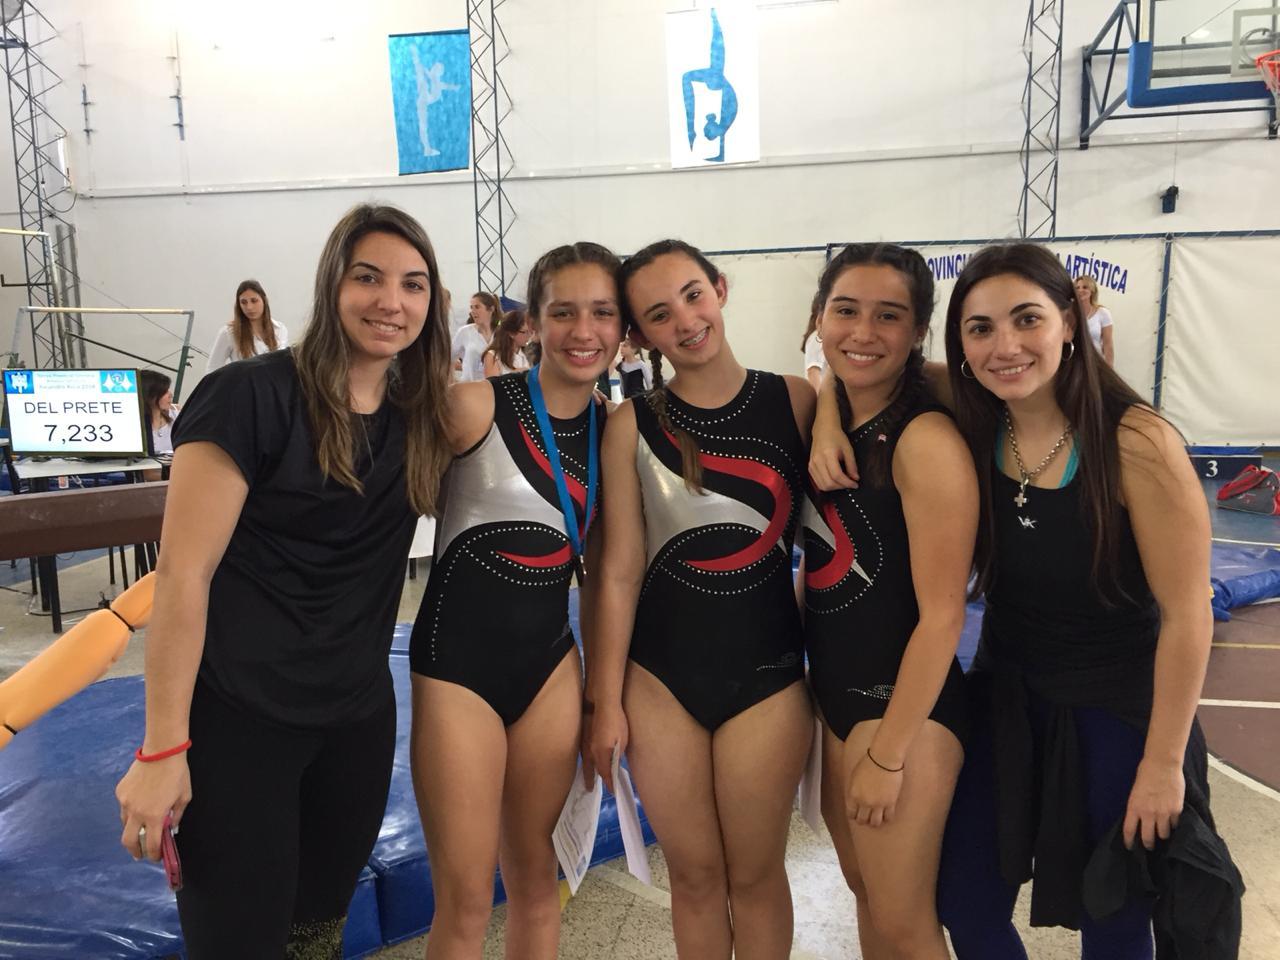 Gimnasia Artística en Alejandro: participación de gimnastas de Central